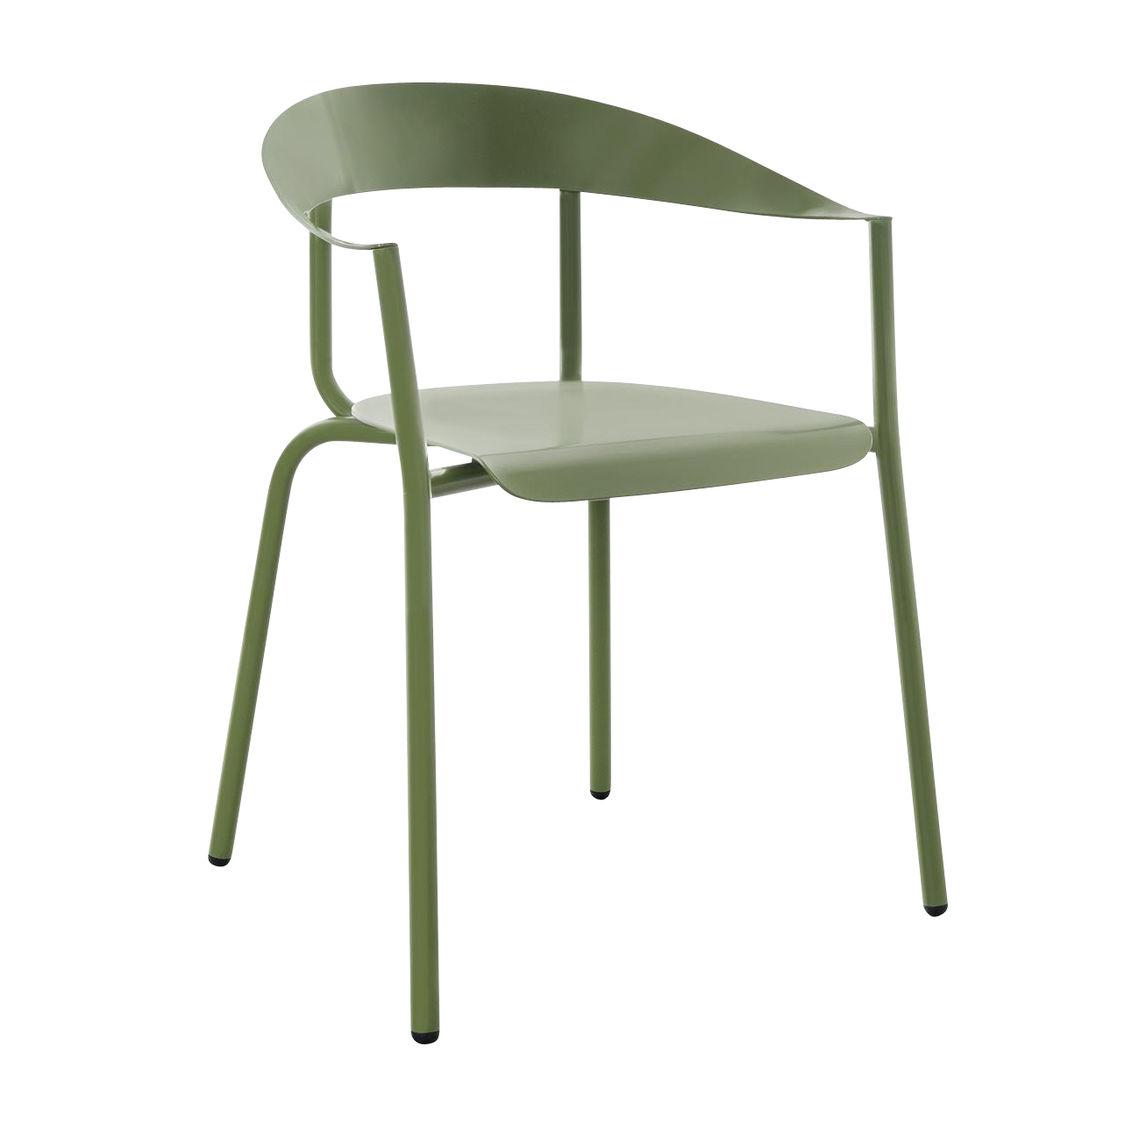 Alu mito silla con reposabrazos de jard n conmoto - Sillas con reposabrazos ...